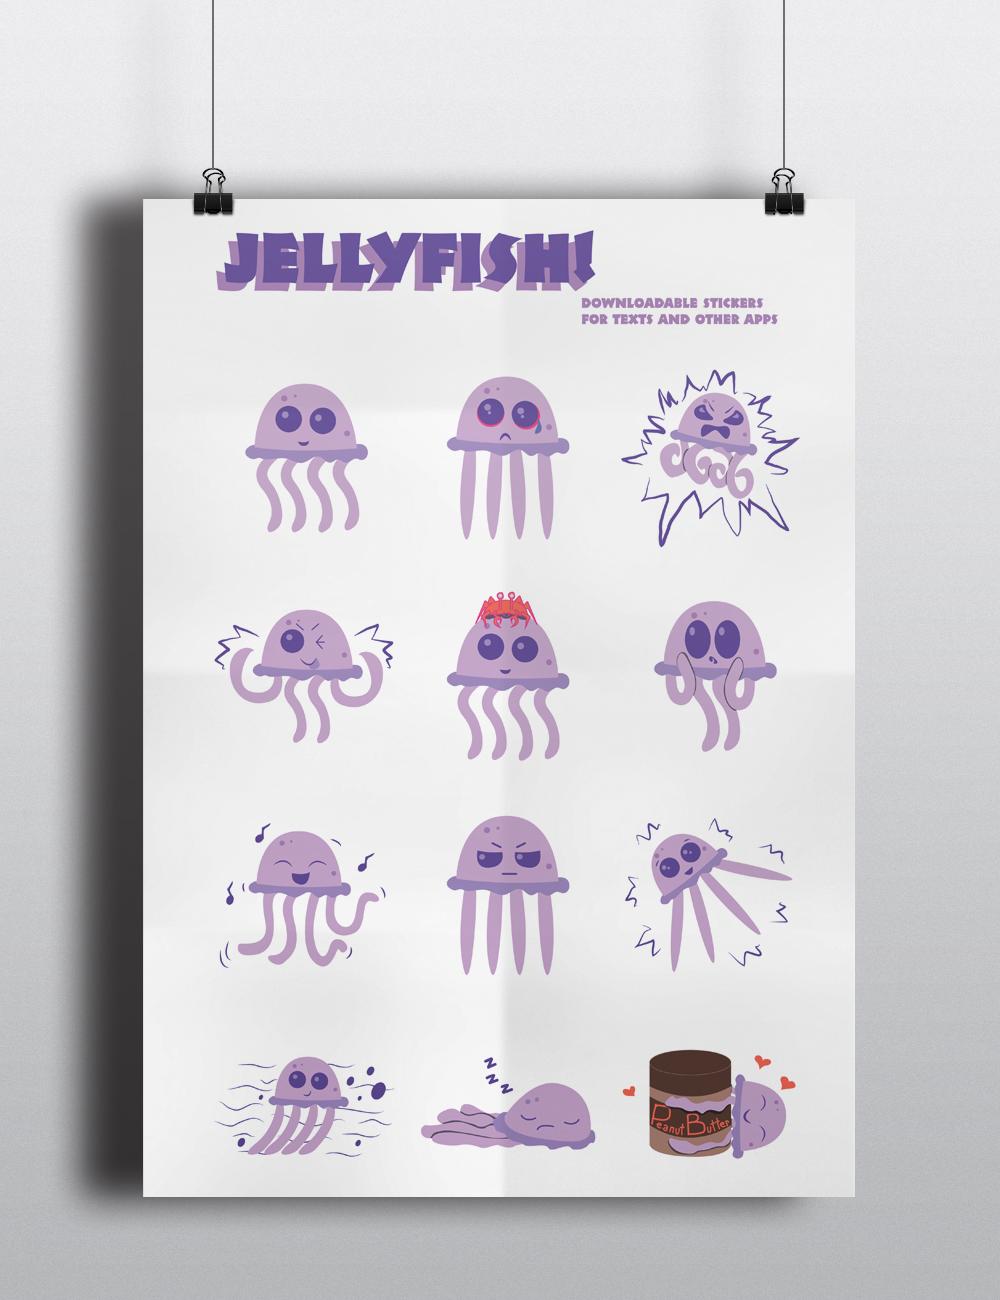 Images of Jelly Fish Emoji - Sabadaphnecottage